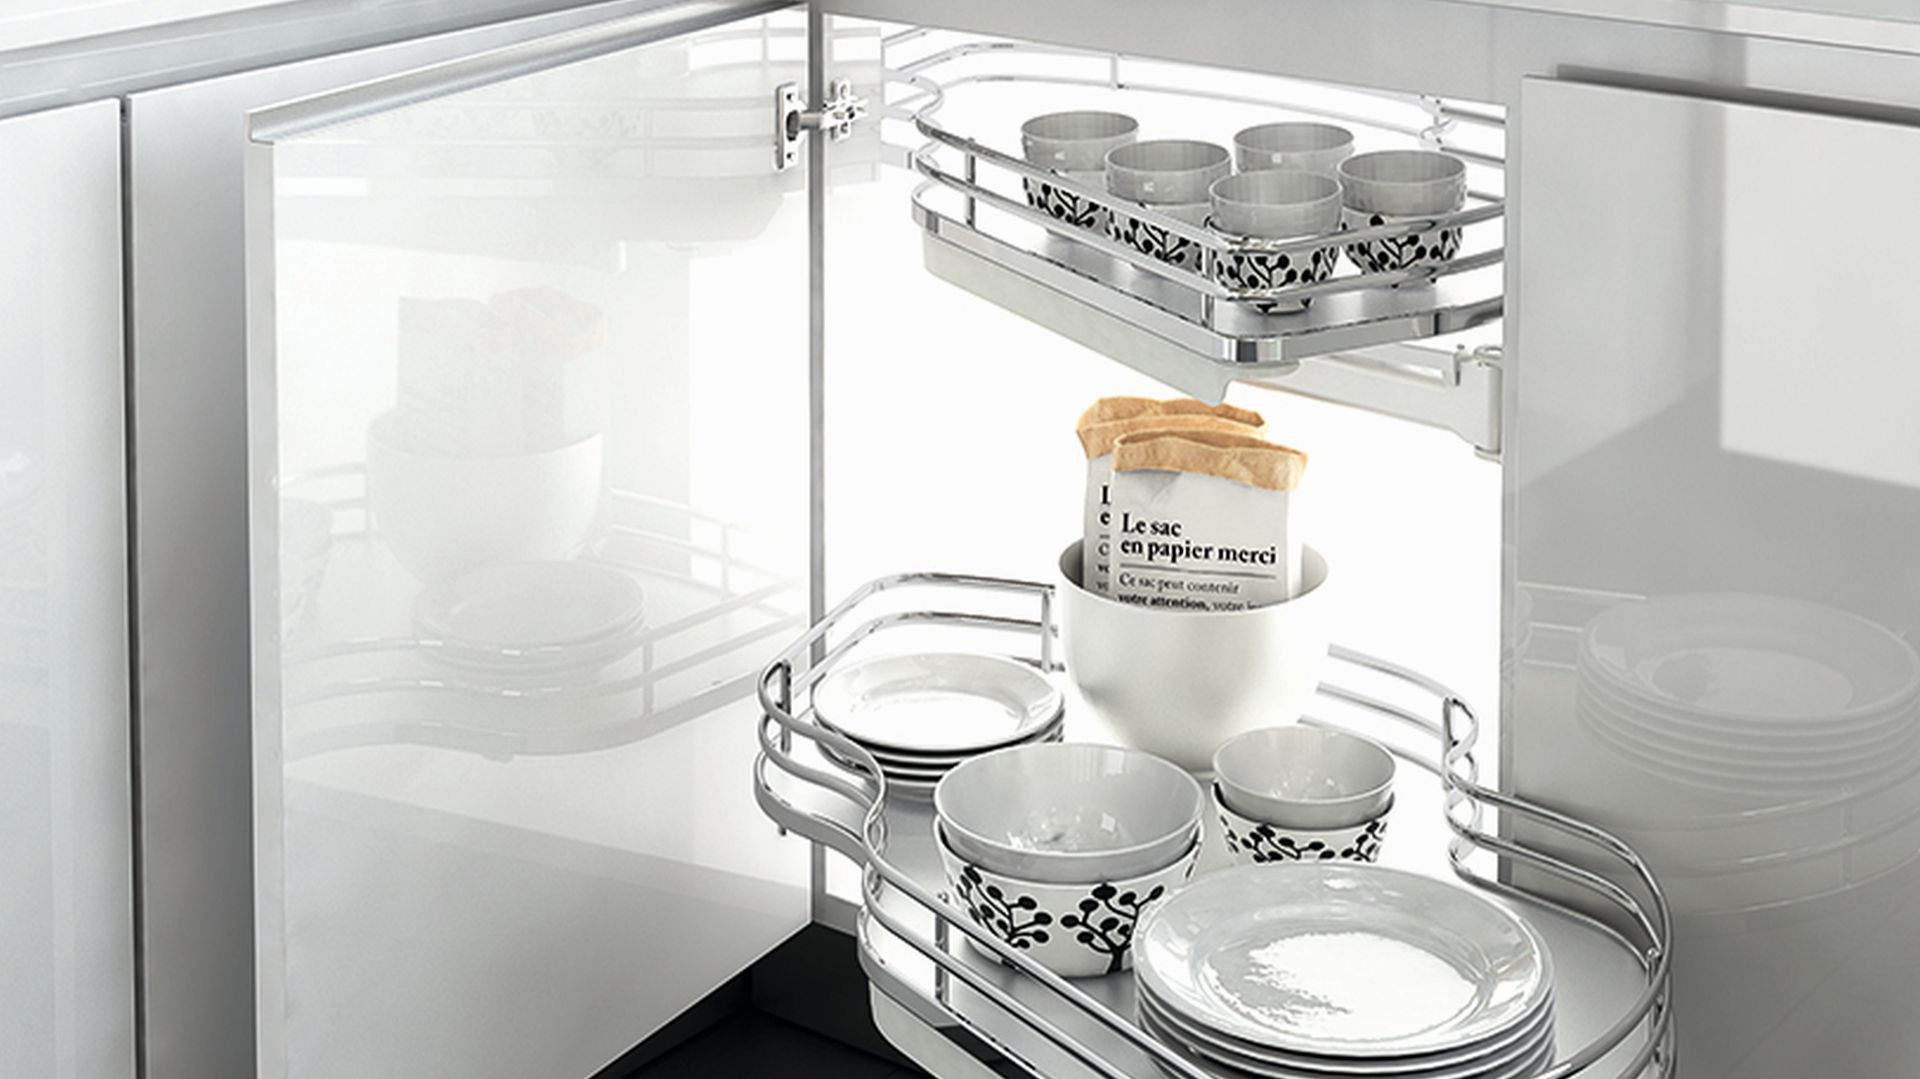 System narożny Combi's Ellite/Manufaktura Łomża. Produkt zgłoszony do konkursu Dobry Design 2018